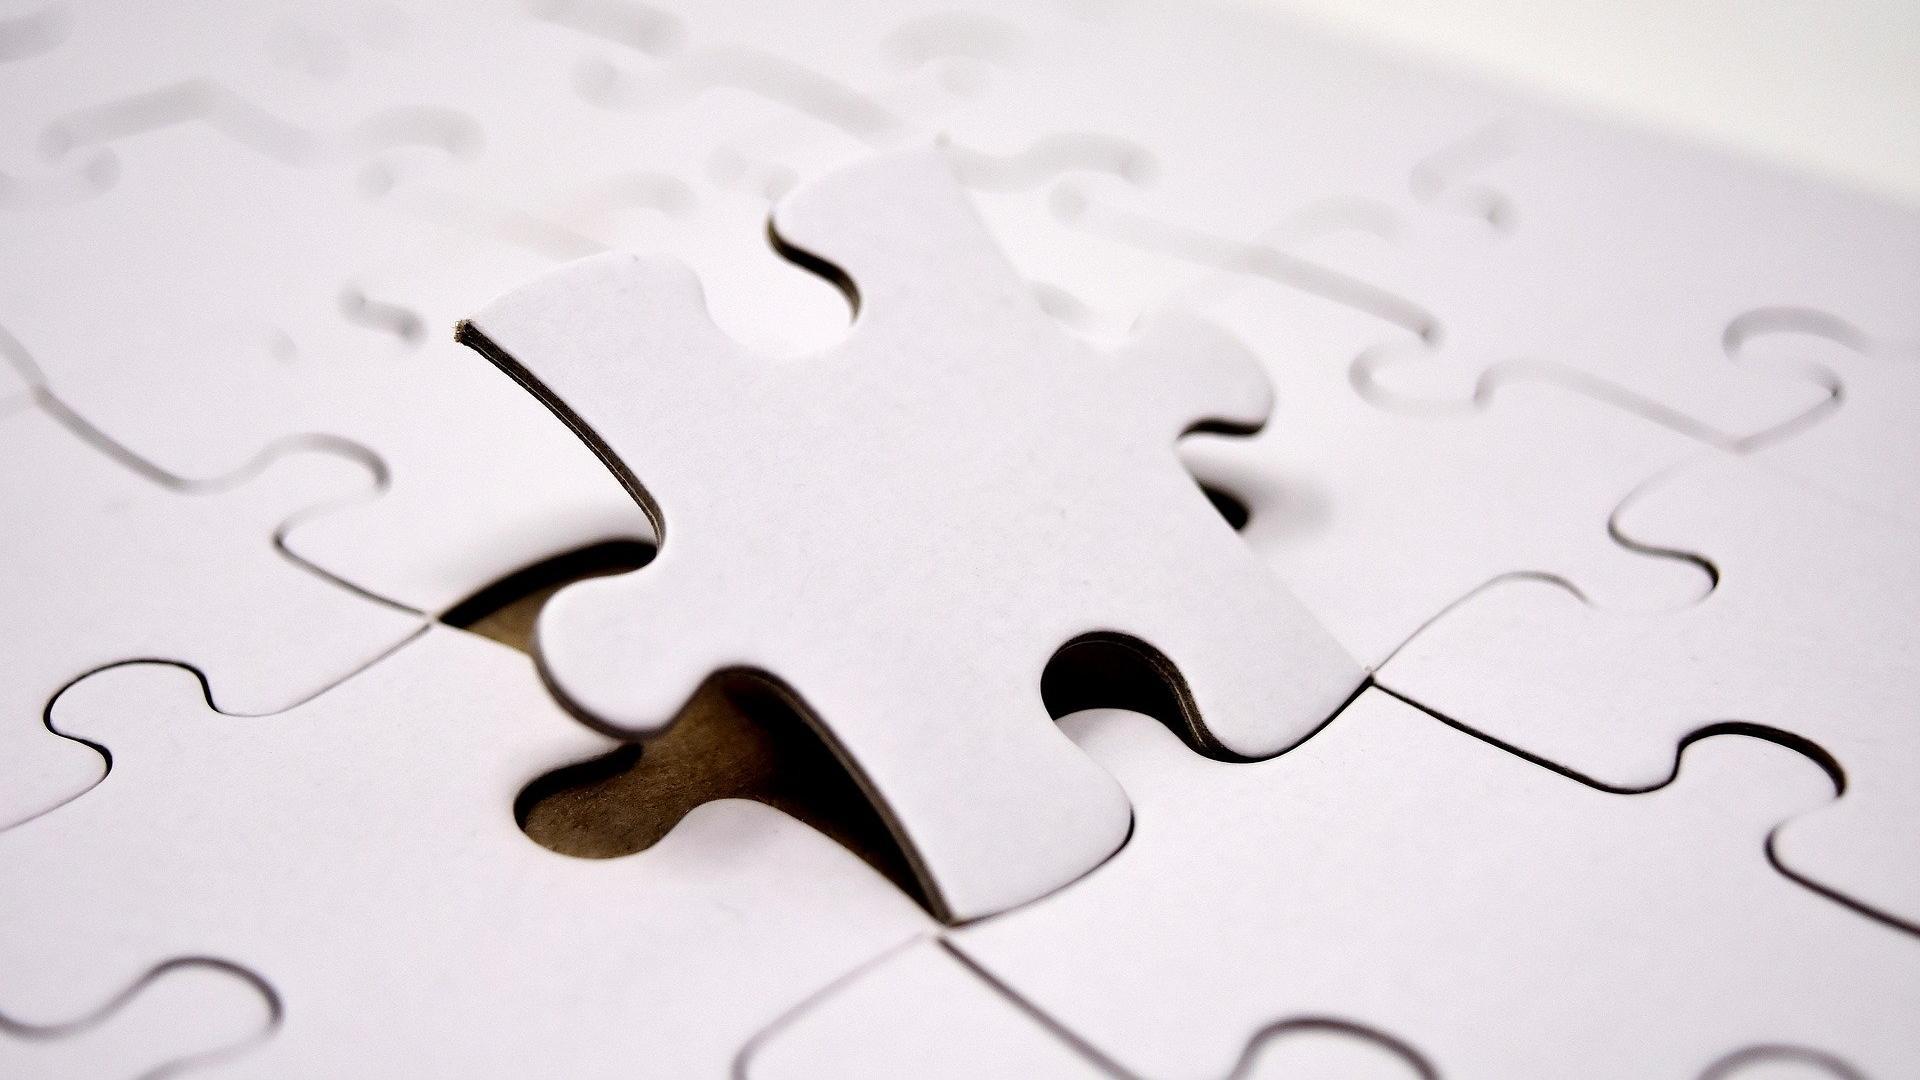 Забывание сработало по принципу «все или ничего» и не повлияло на точность памяти